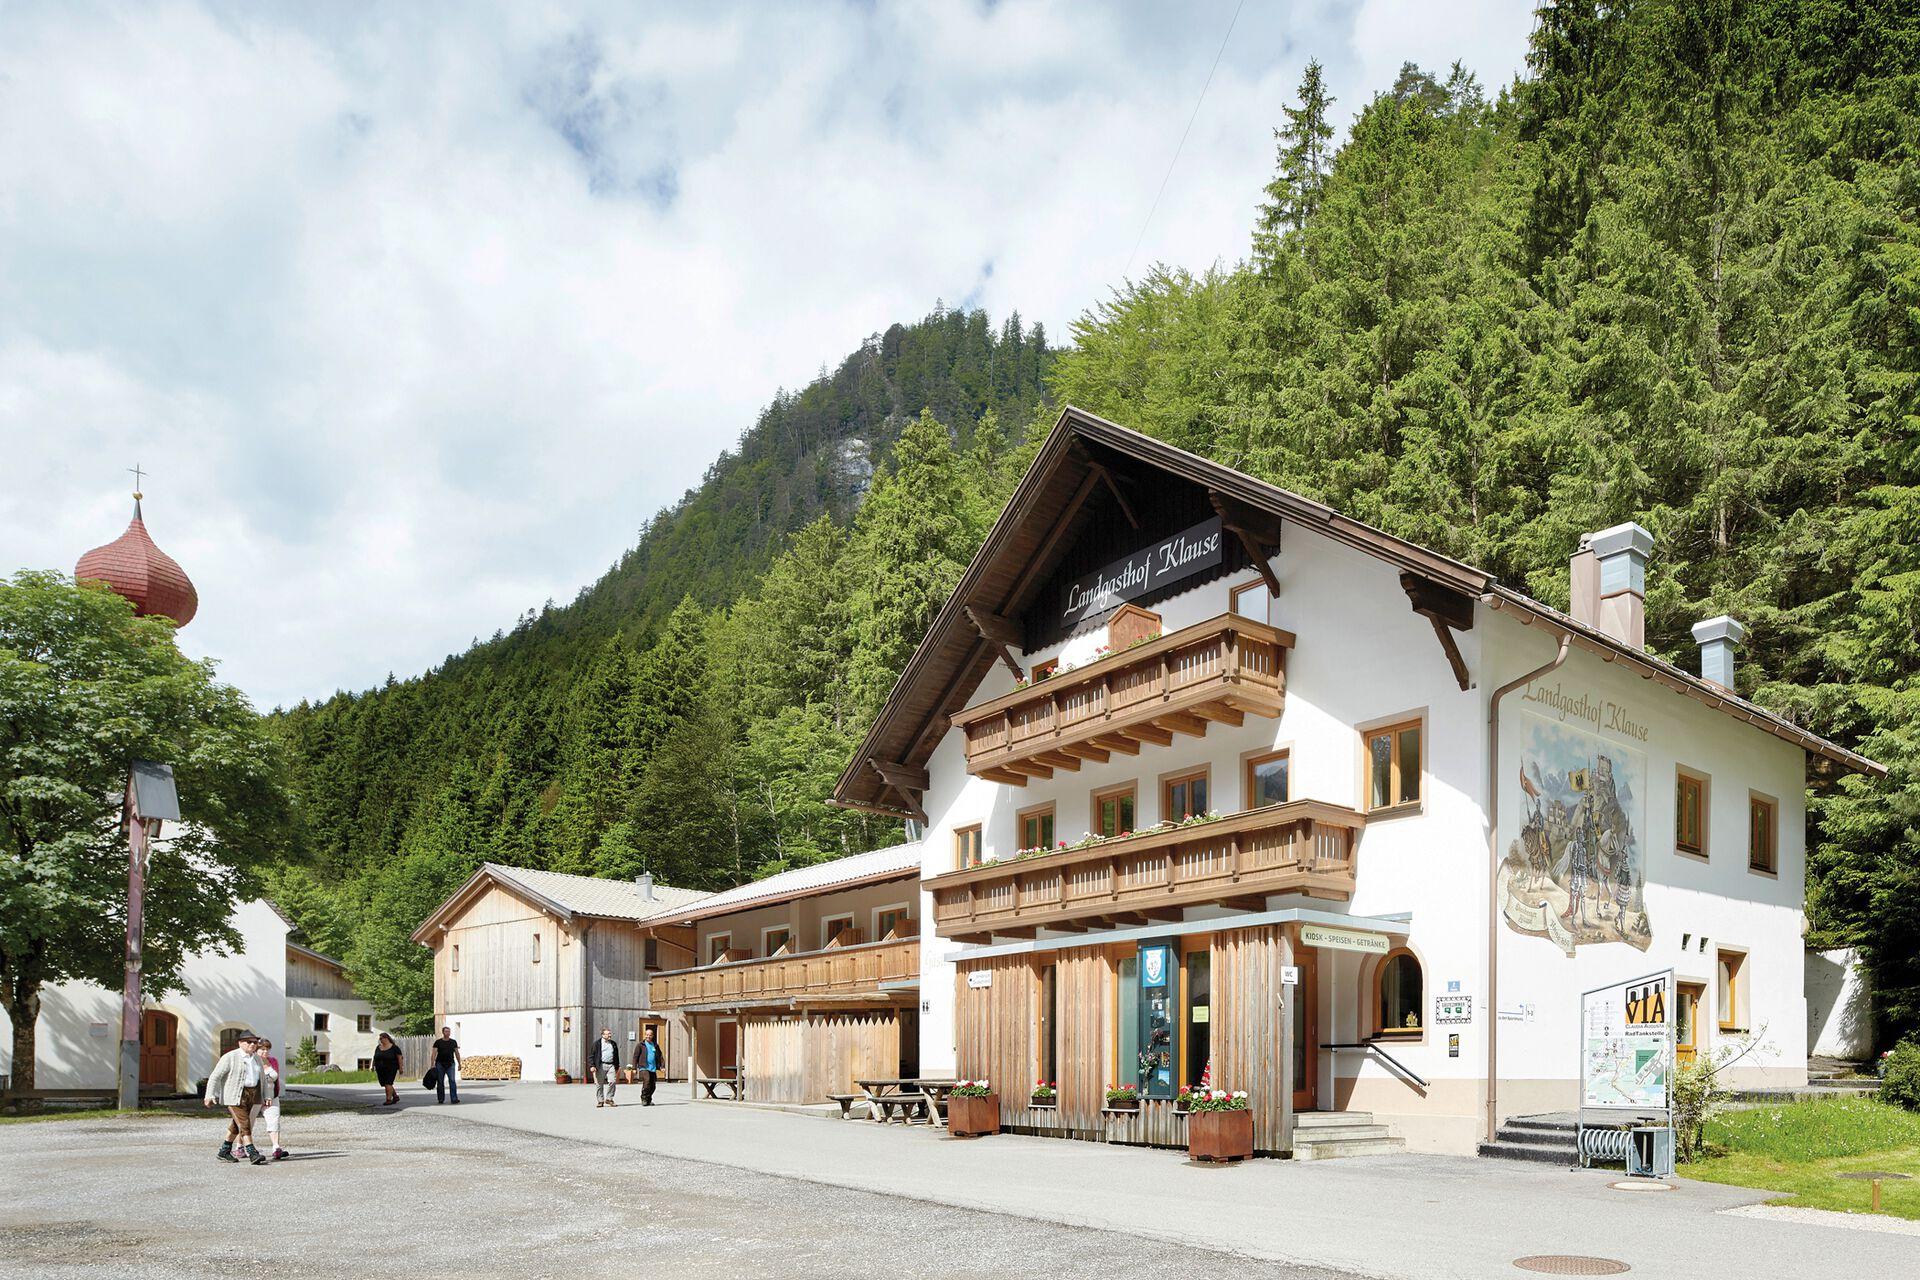 Burgenwelt Ehrenberg Hotel Gasthof Klause